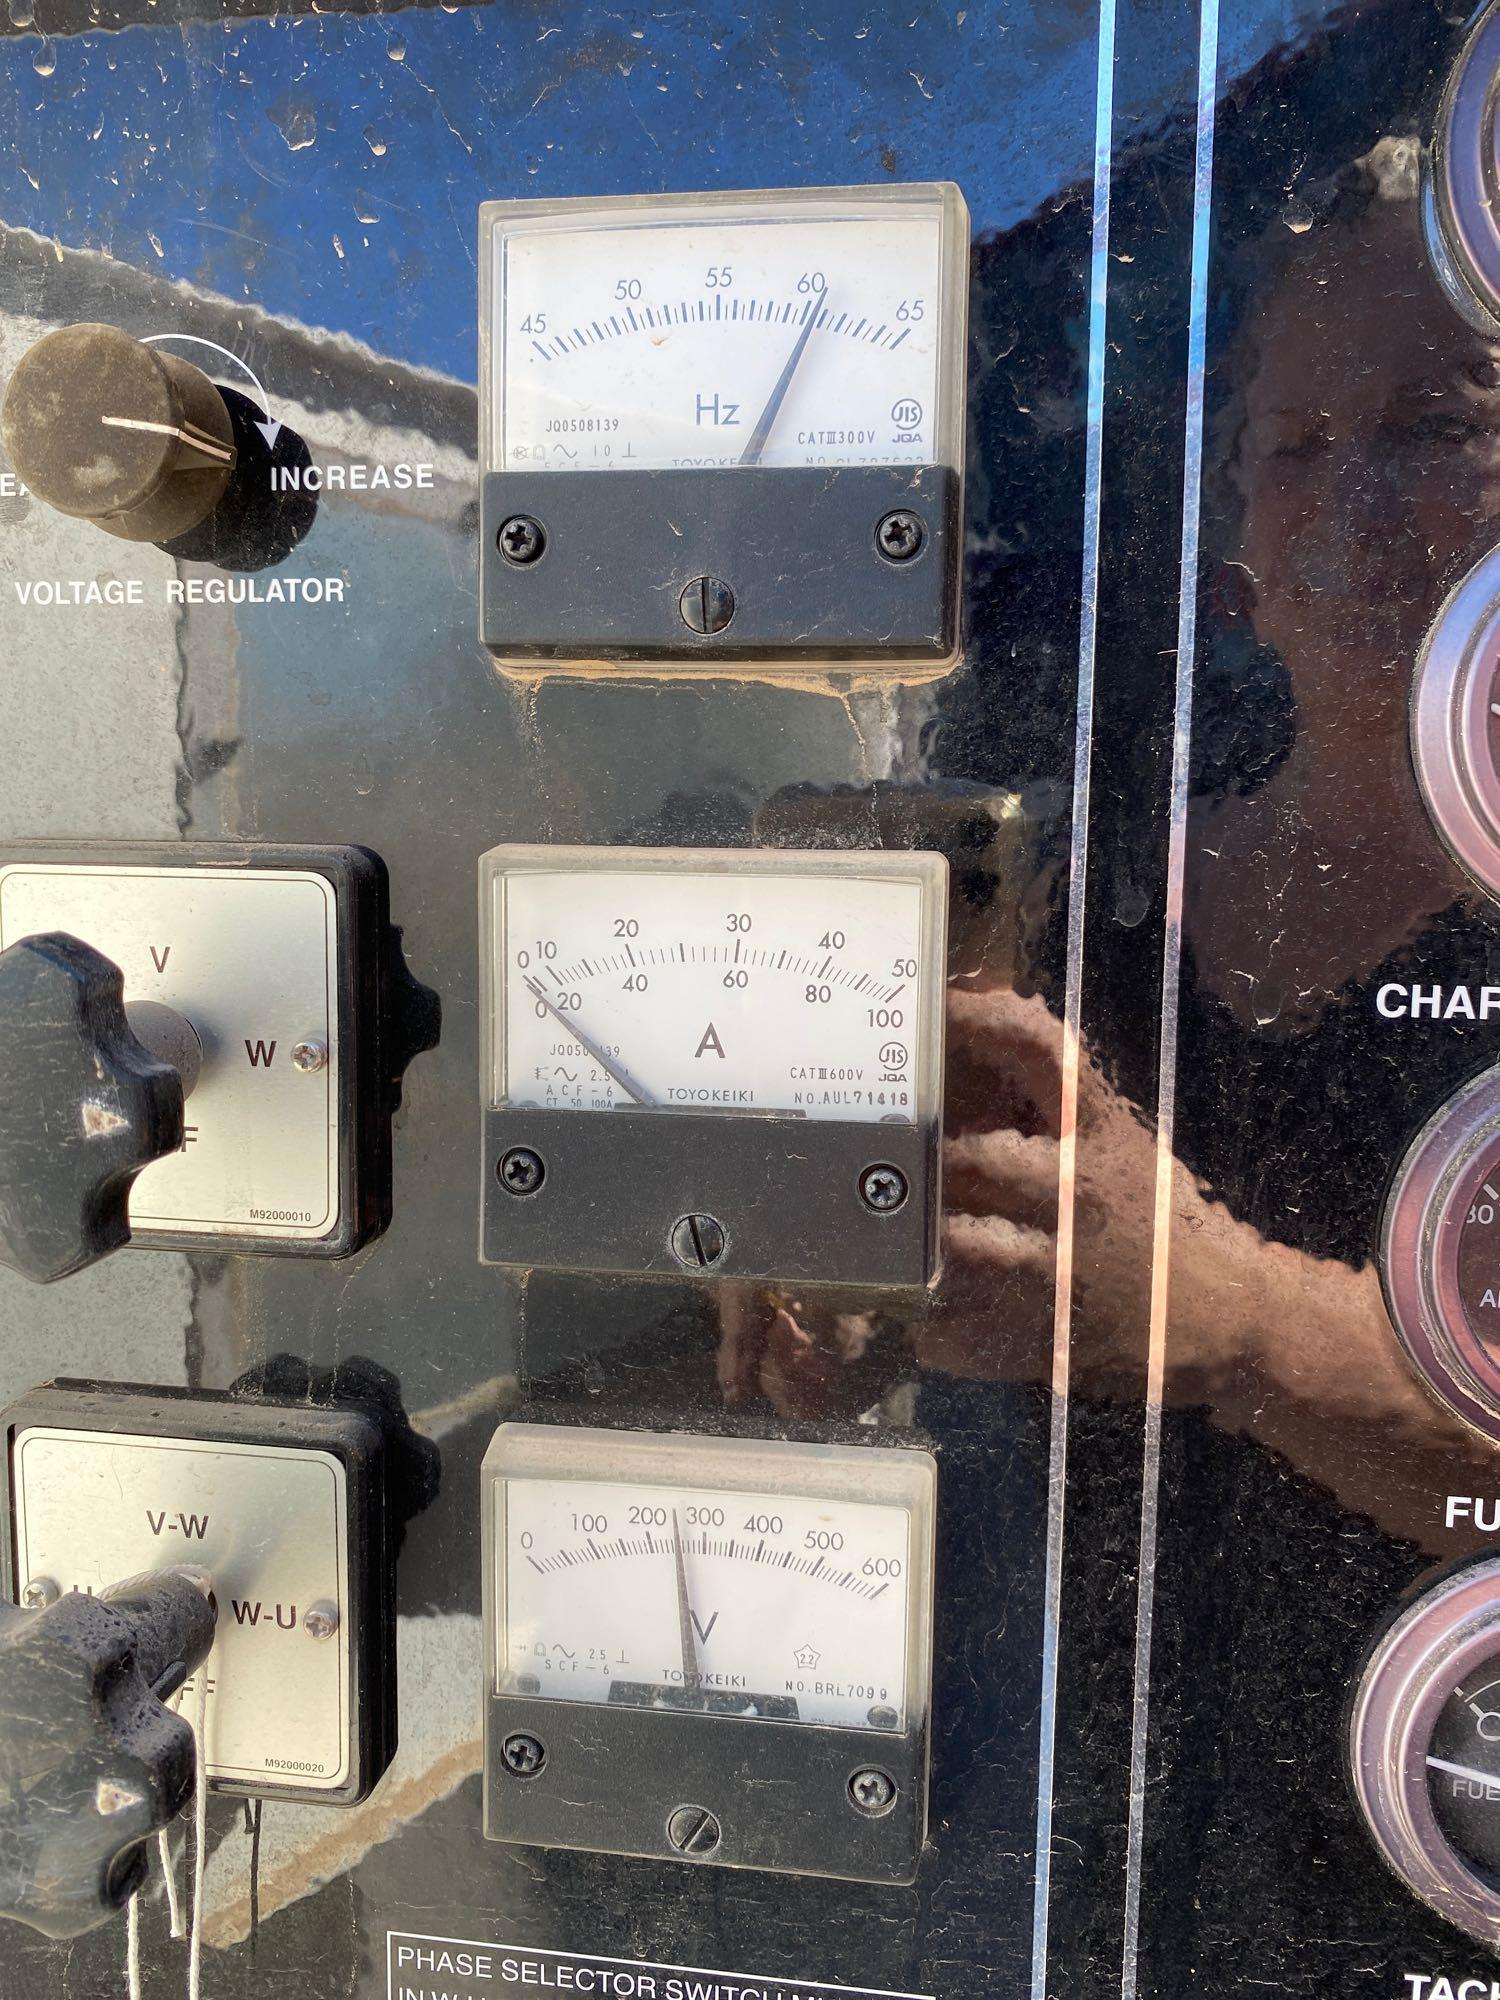 2011/2012 WHISPERWATT MQ POWER DIESEL GENERATOR, TRAILER MOUNTED, 20KW, 25KVA, RUNS AND OPERATES - Image 20 of 20